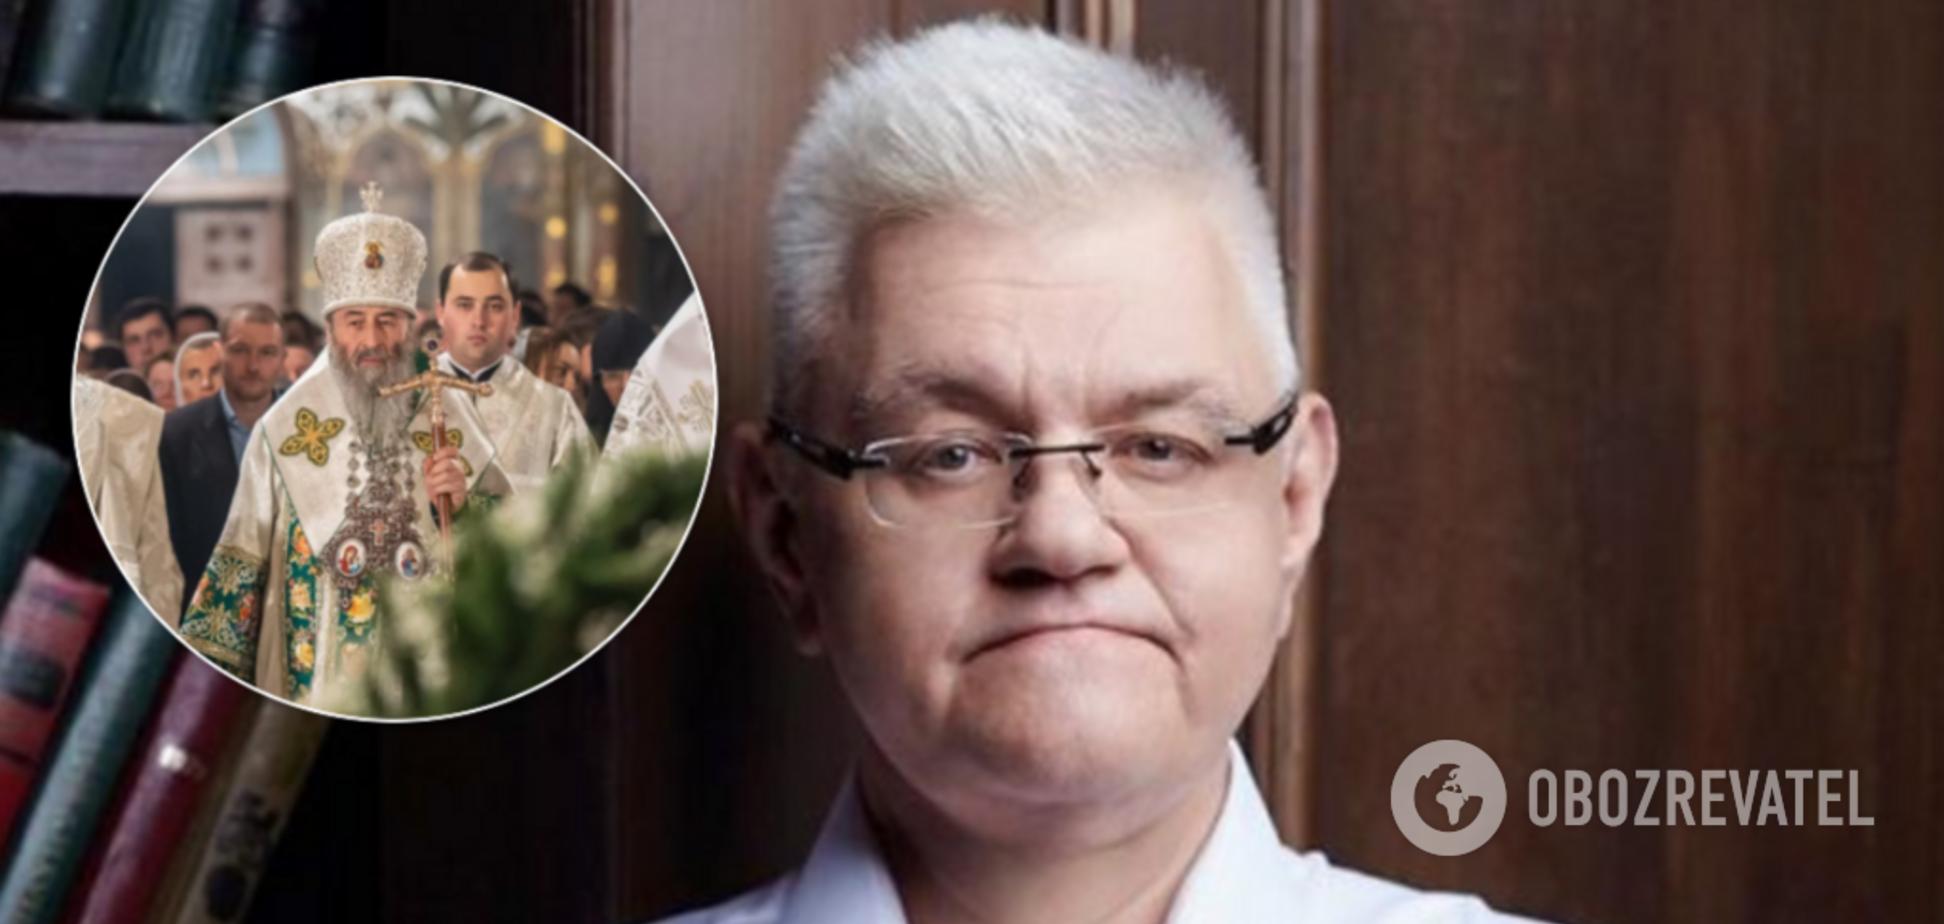 Сивохо з УПЦ МП влаштував марафон на каналі Медведчука